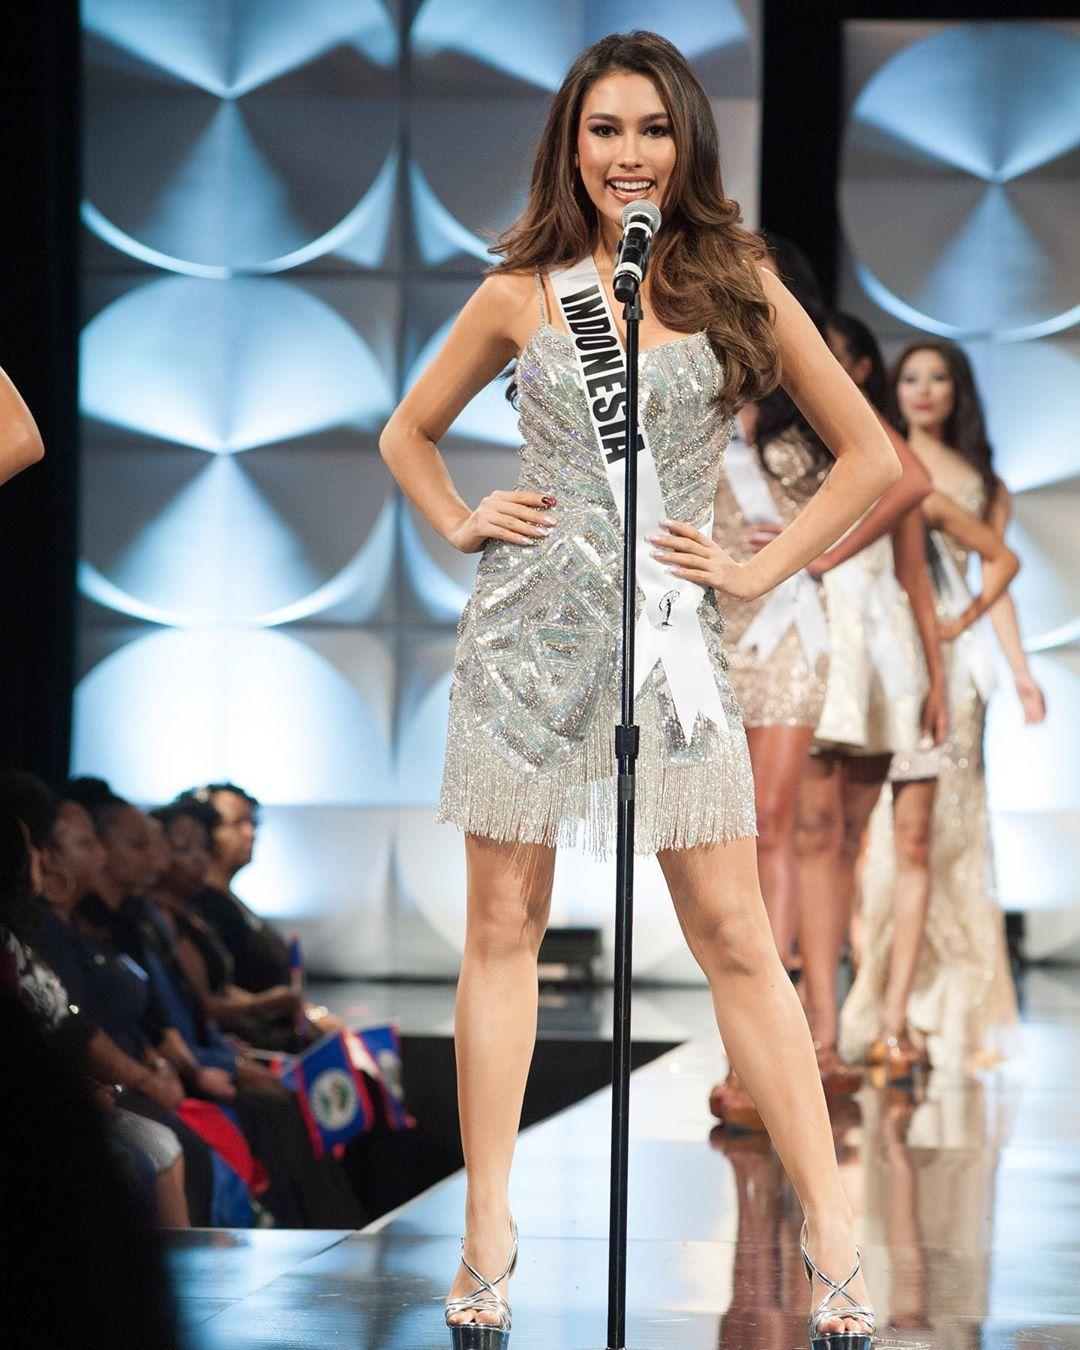 Masuk Top 10 Miss Universe 2019, Inilah 6 FaktaFrederika Alexis Cull